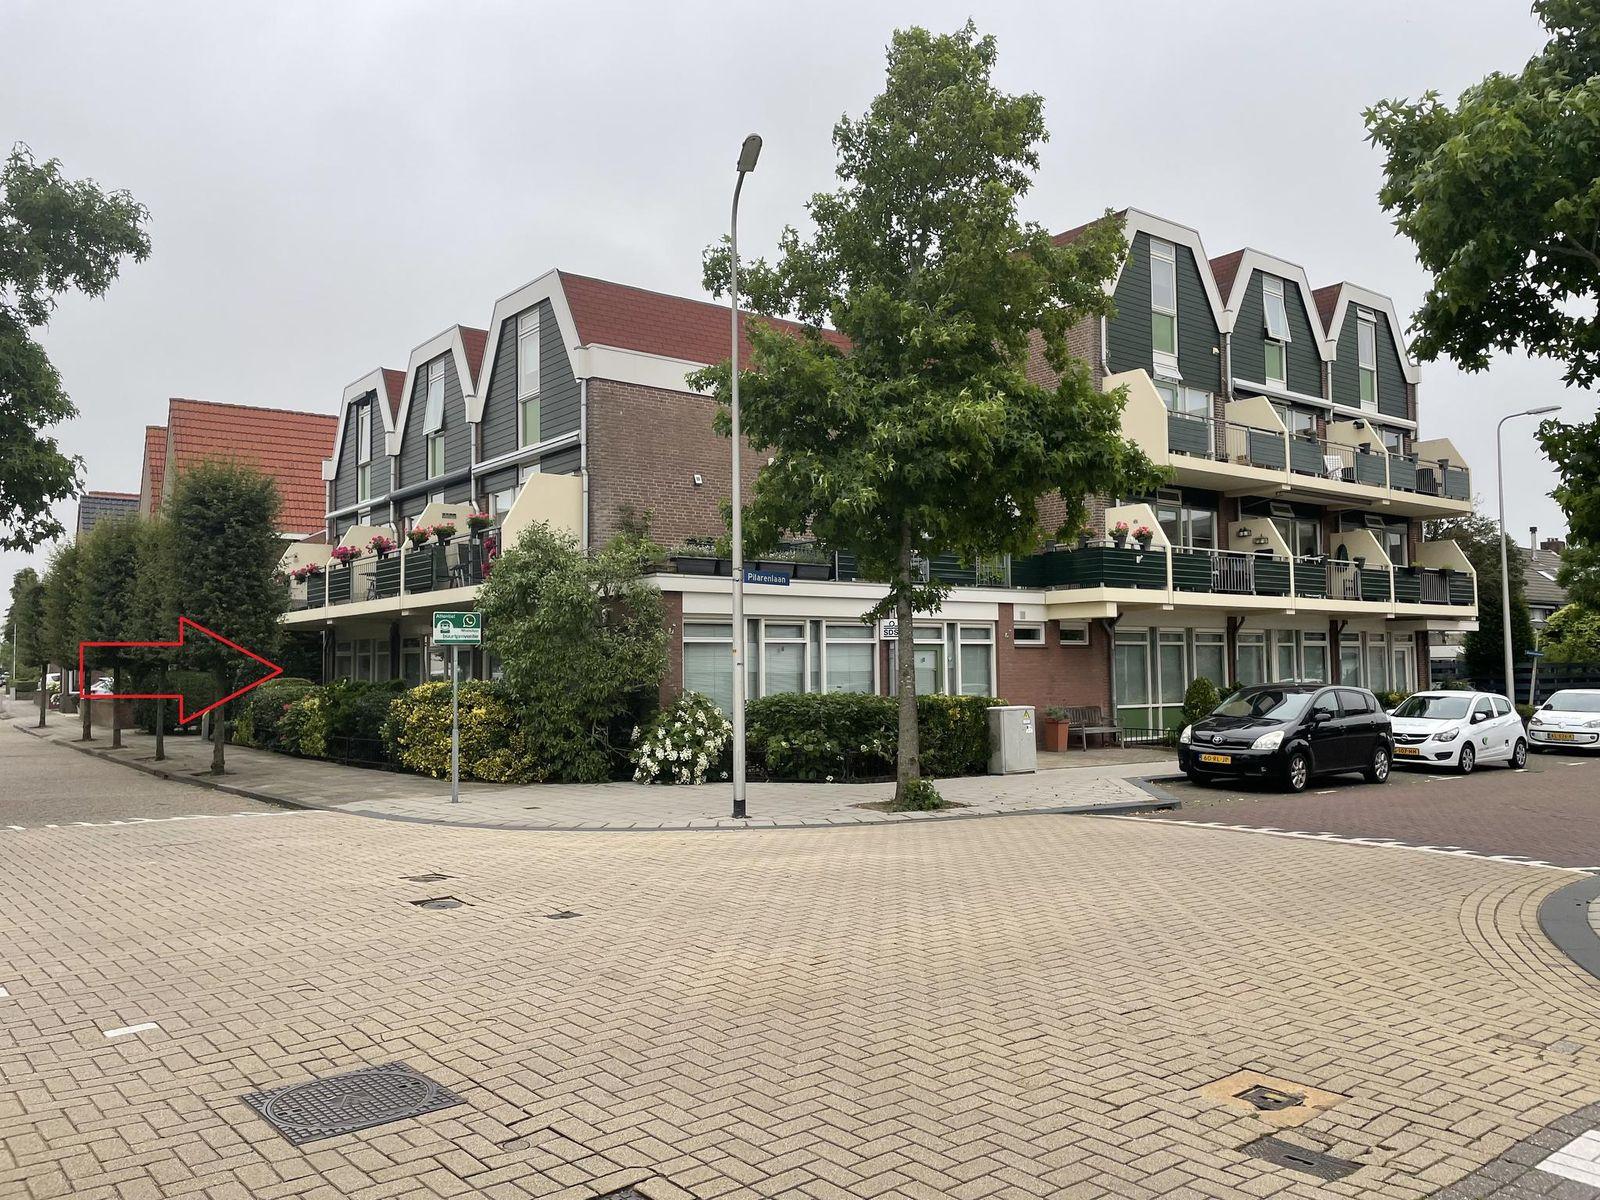 Zwaluwlaan 3, Noordwijkerhout